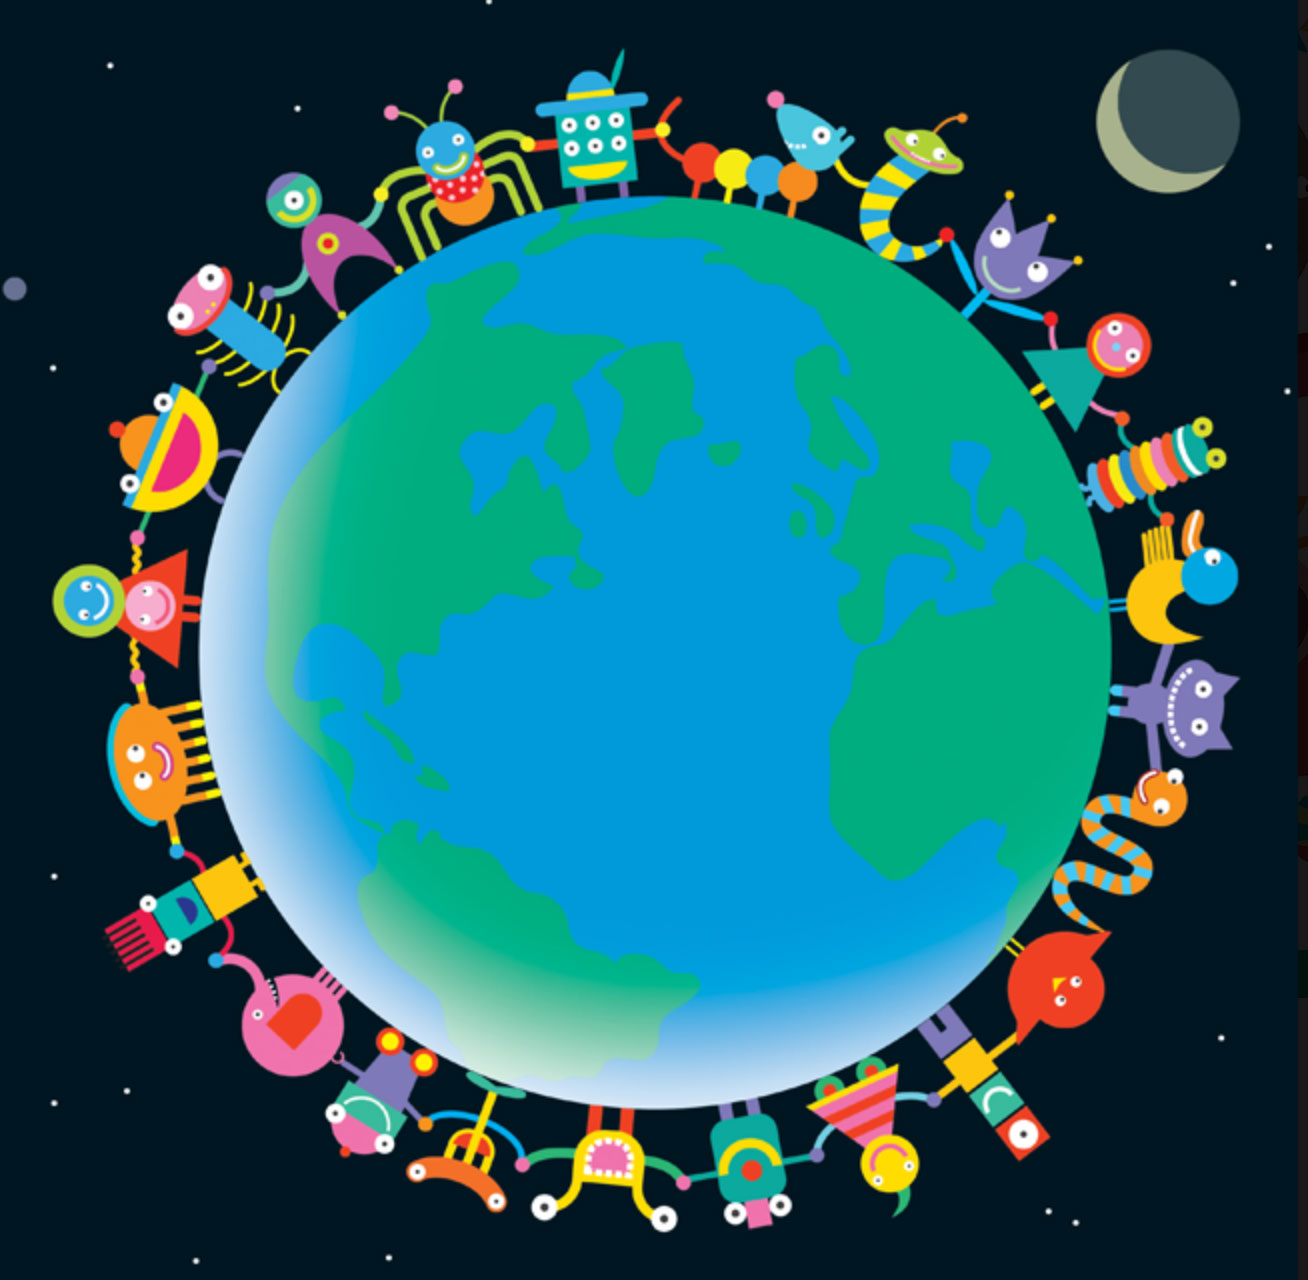 Linda Davick / World Peace